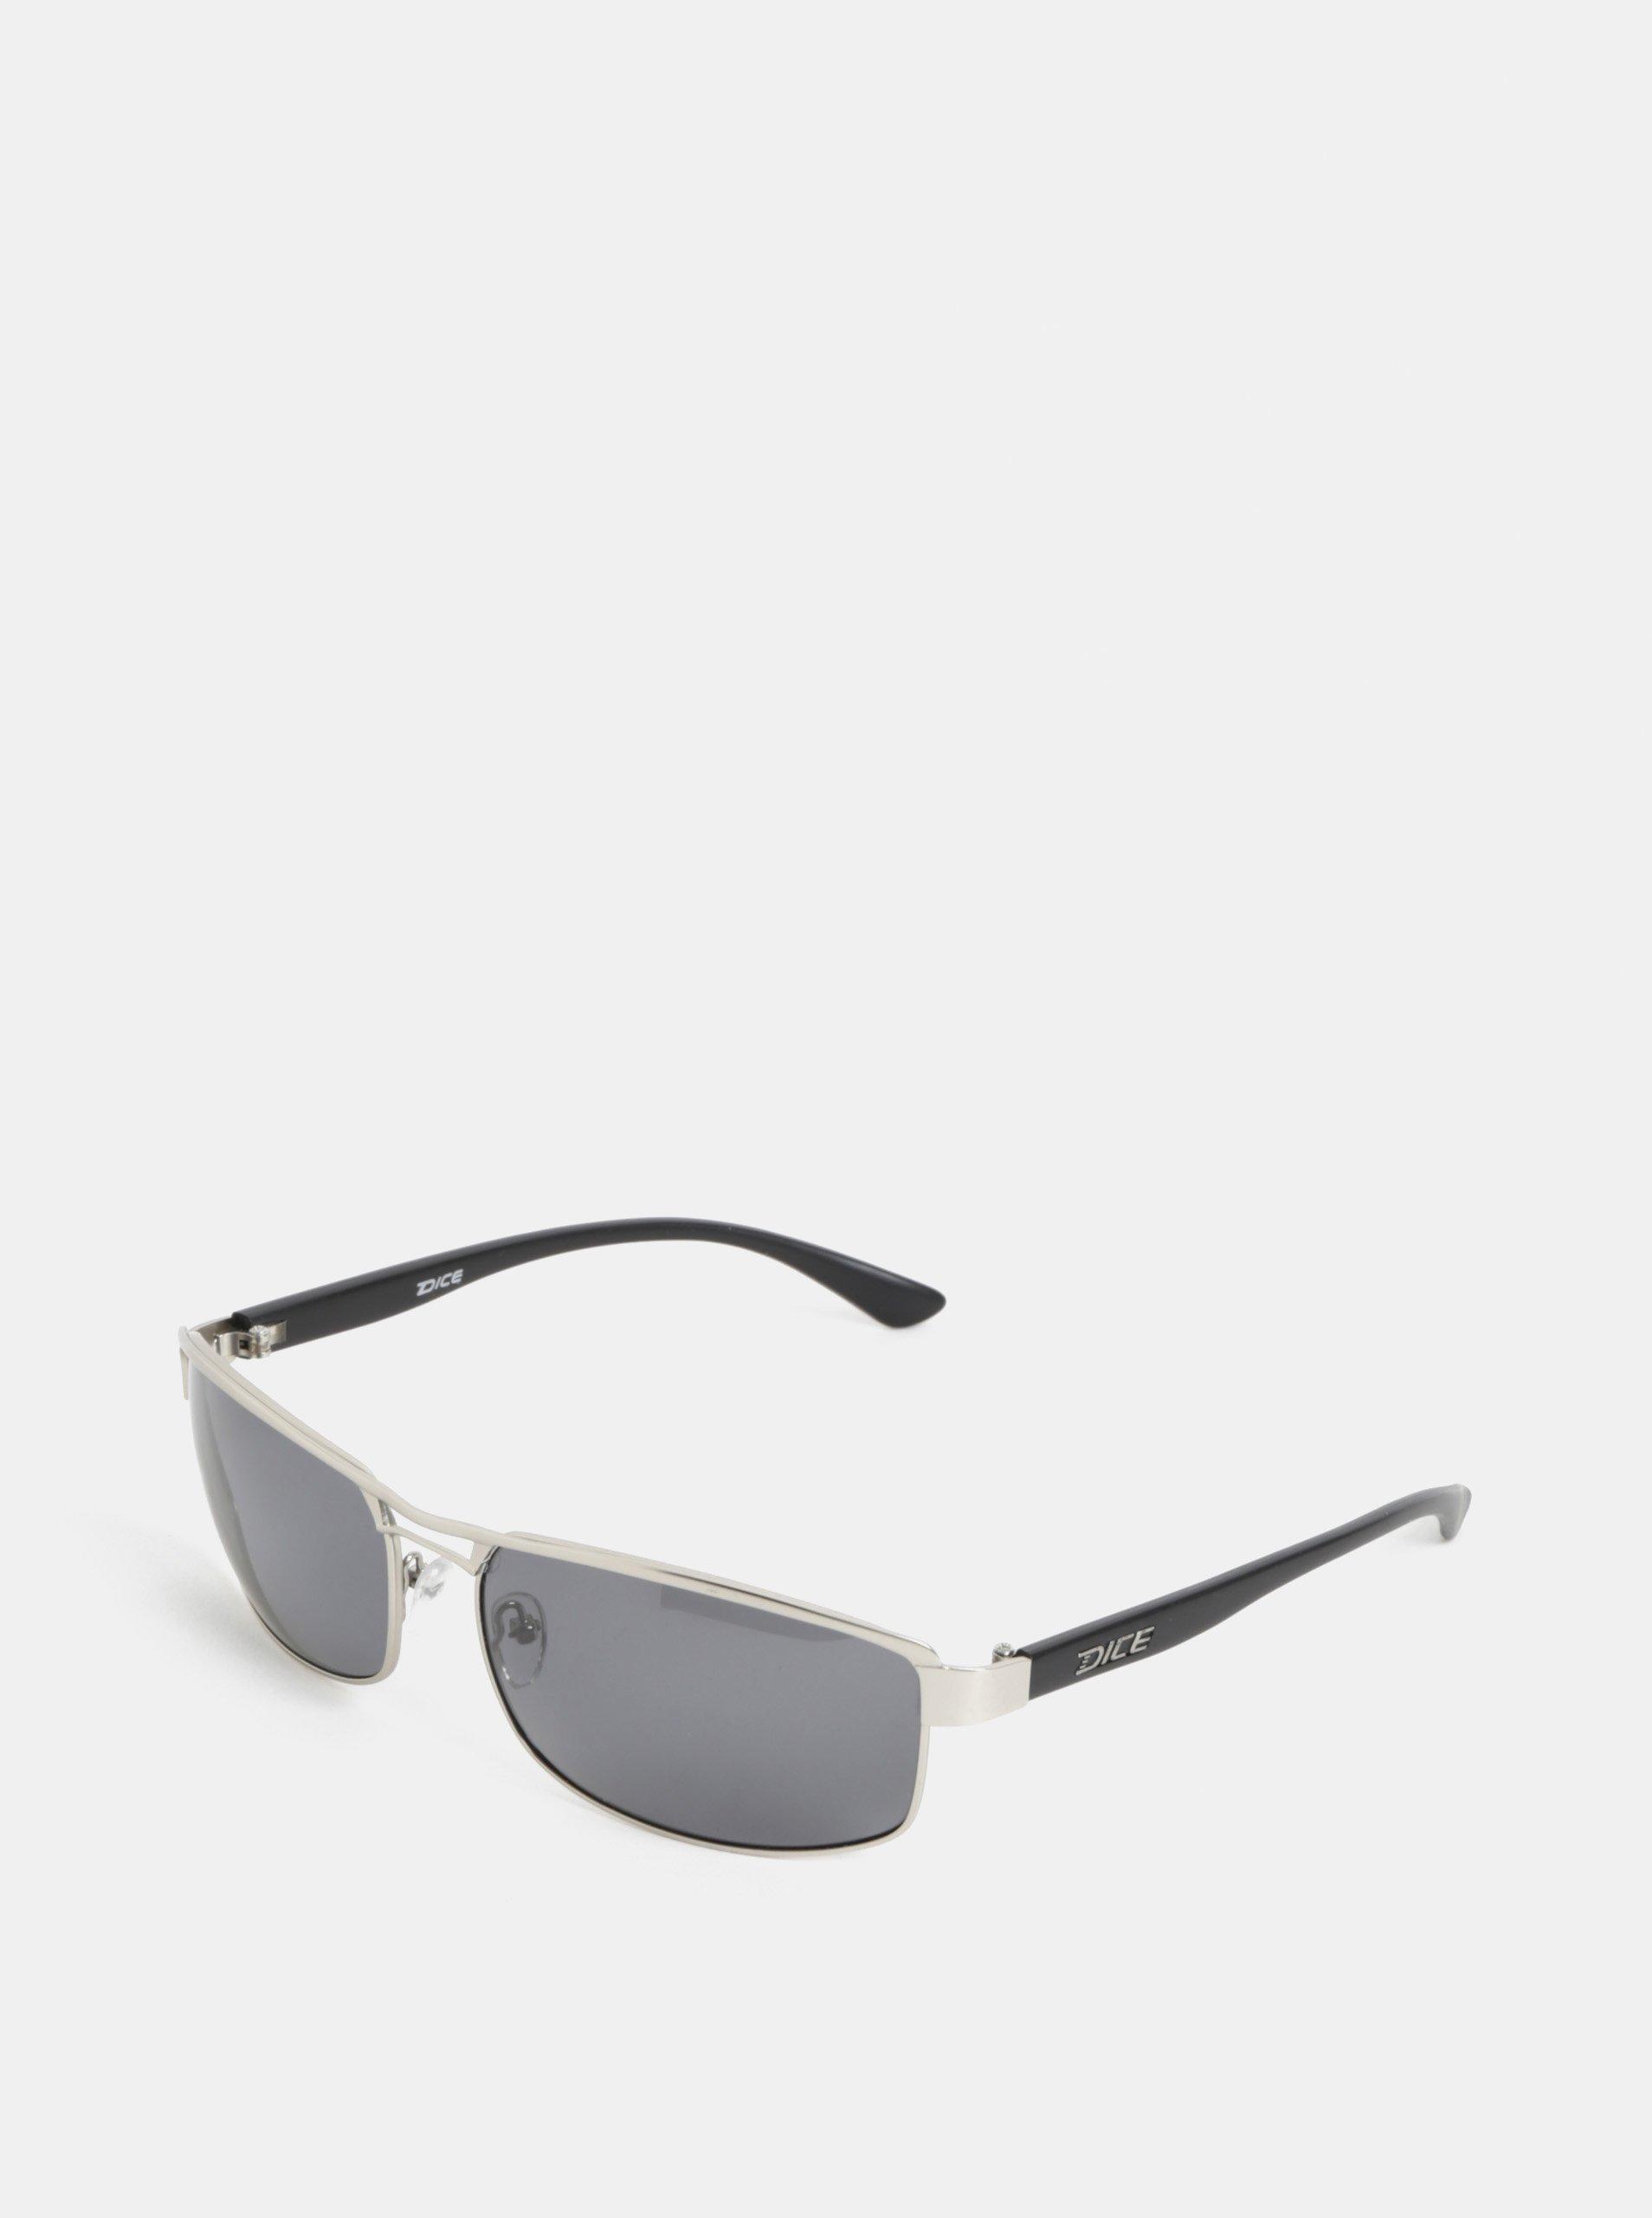 Pánske slnečné okuliare v striebornej farbe Dice Arm Polar - Glami.sk f4a40fa2c41